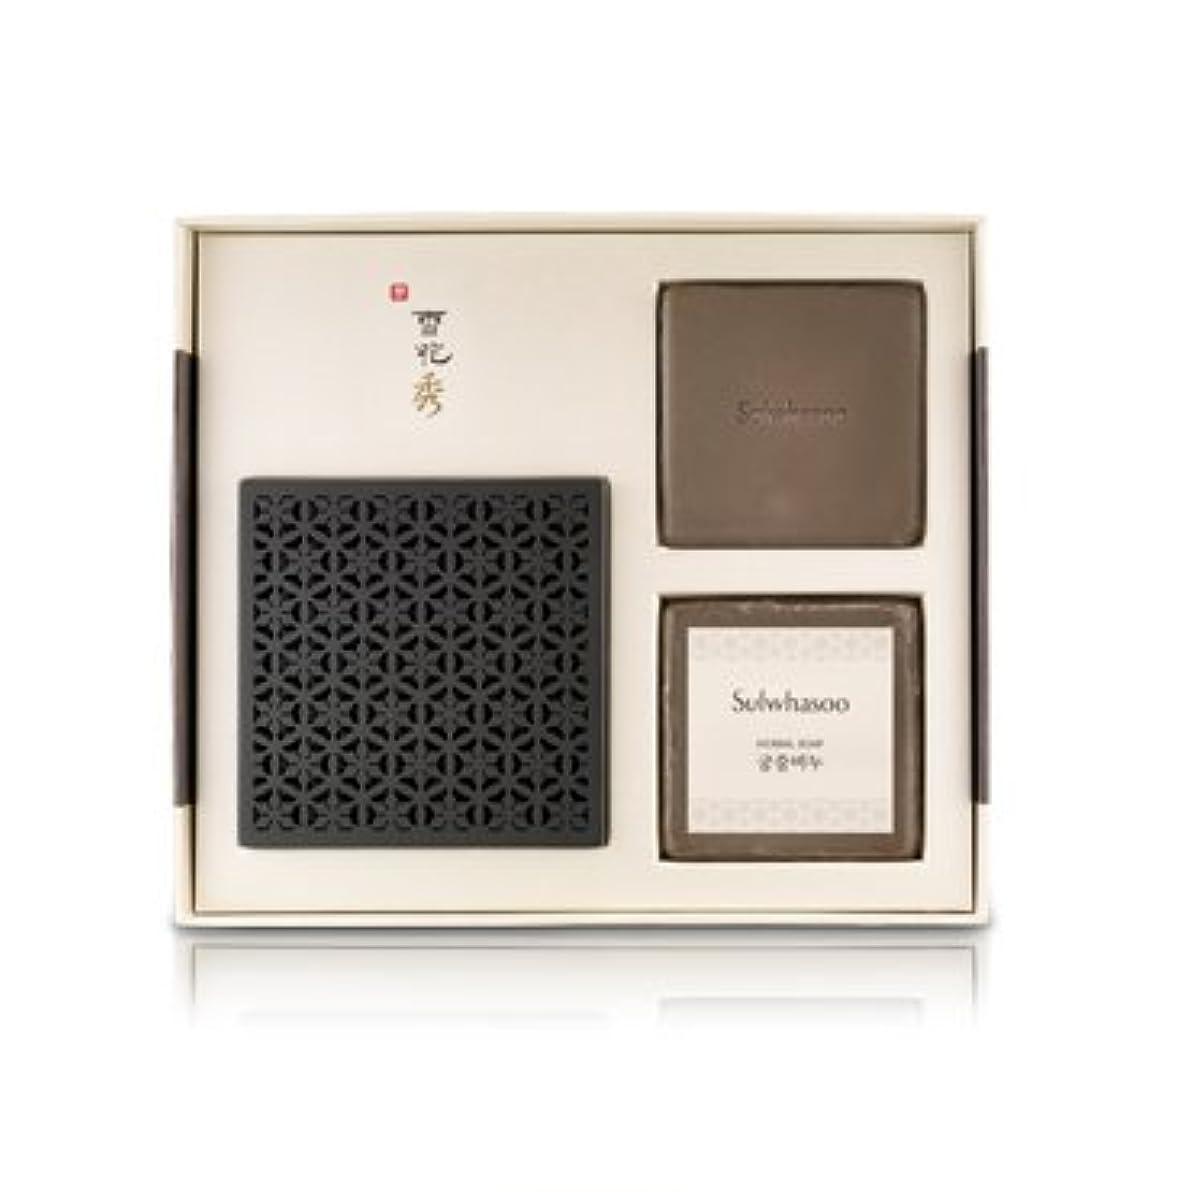 いらいらするマッシュ砲兵雪花秀(ソルファス)韓方クレンジング石鹸[宮中石鹸(Herbal soap)]100g×2